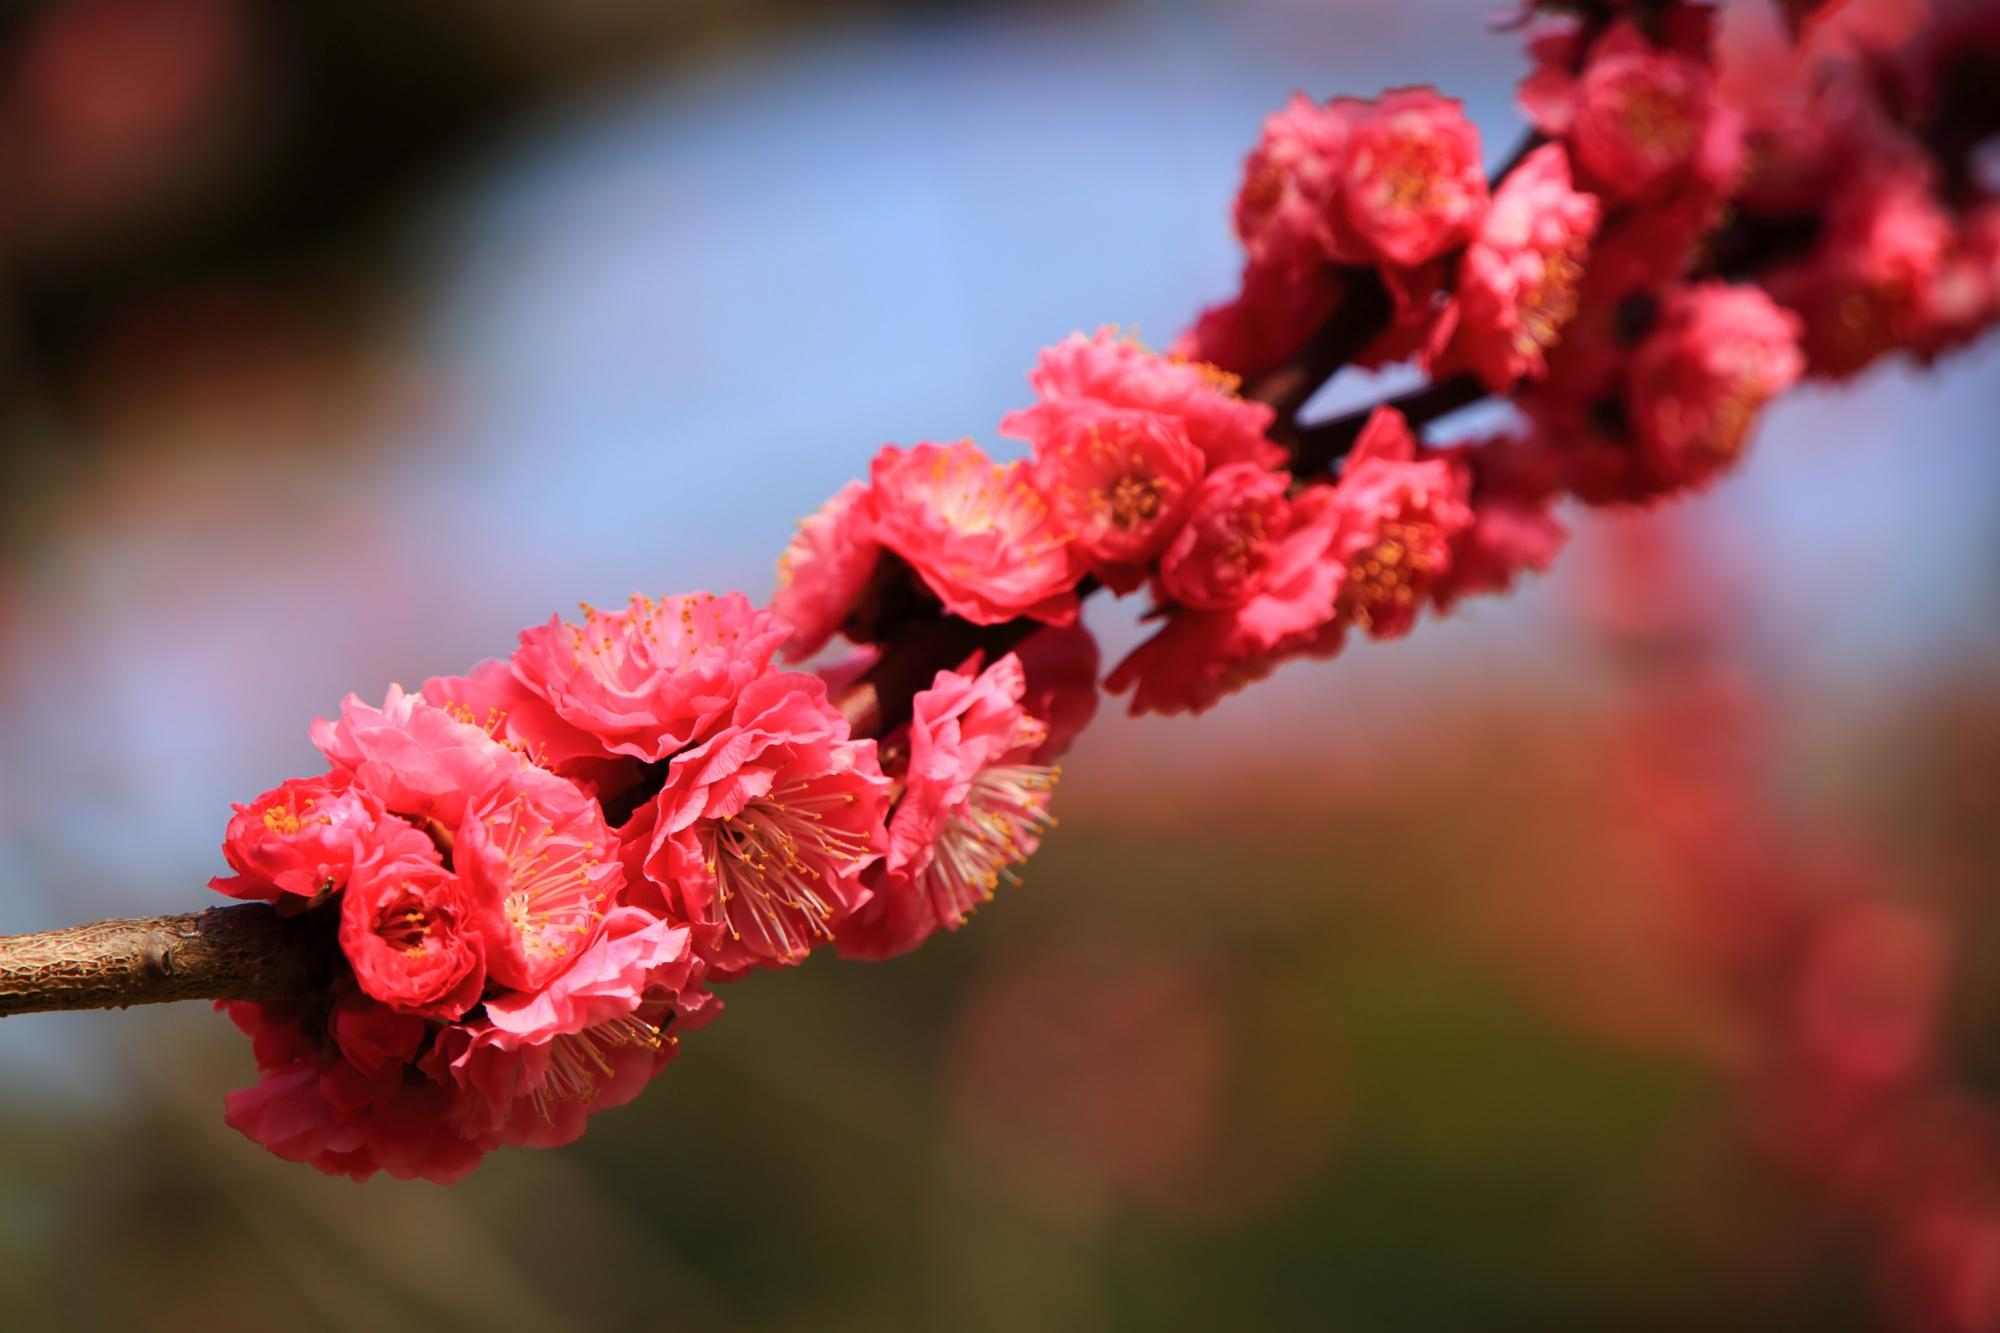 枝に所狭しと咲き誇る梅の花